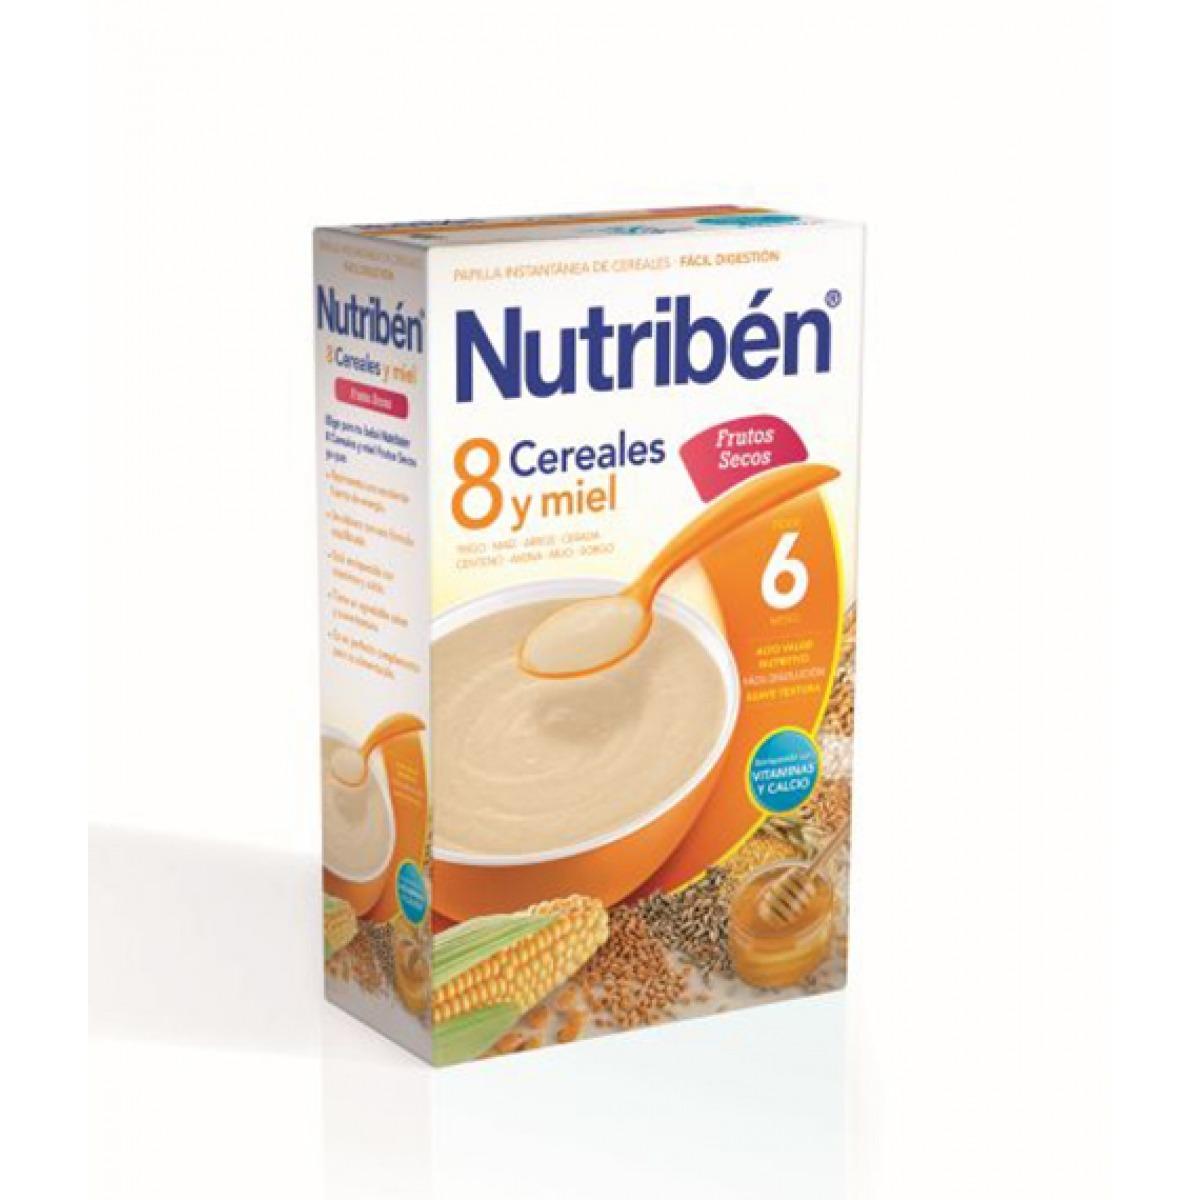 NUTRIBEN 8 CEREALES Y MIEL FRUTOS SECOS 600 G.